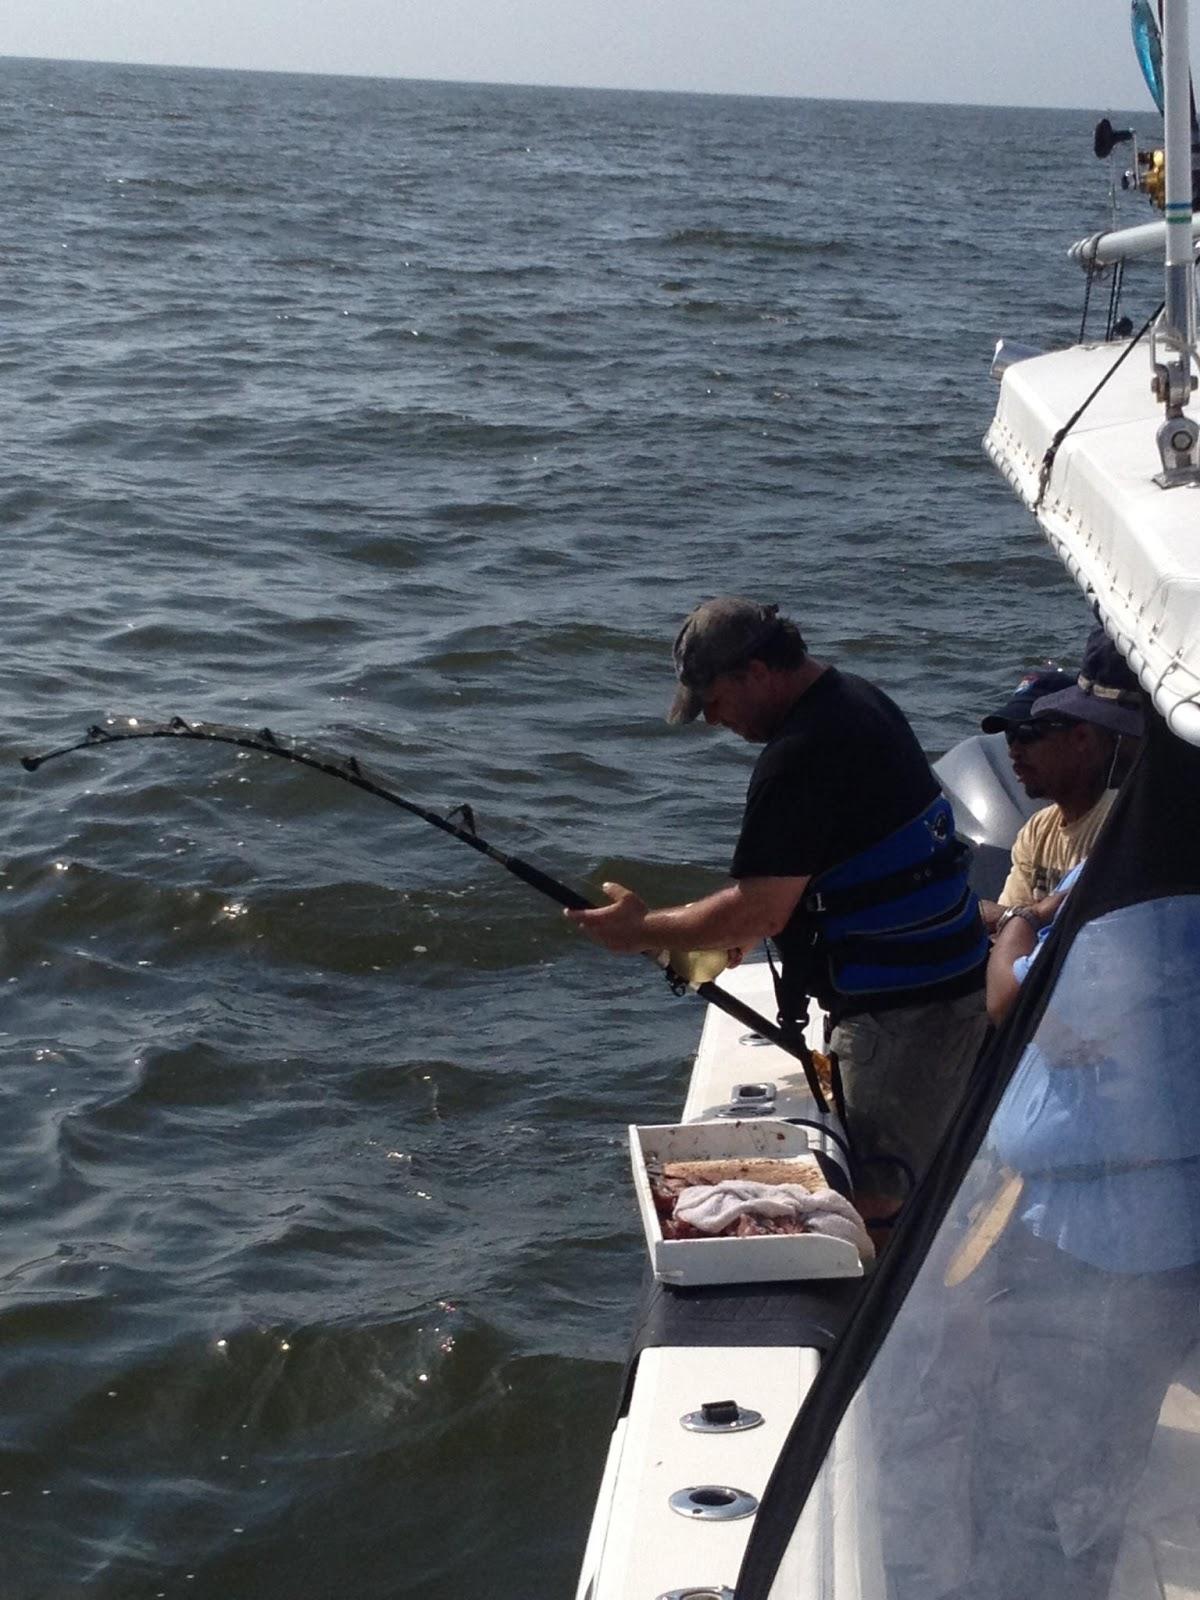 Venice la offshore tuna fishing reports for Venice louisiana fishing report